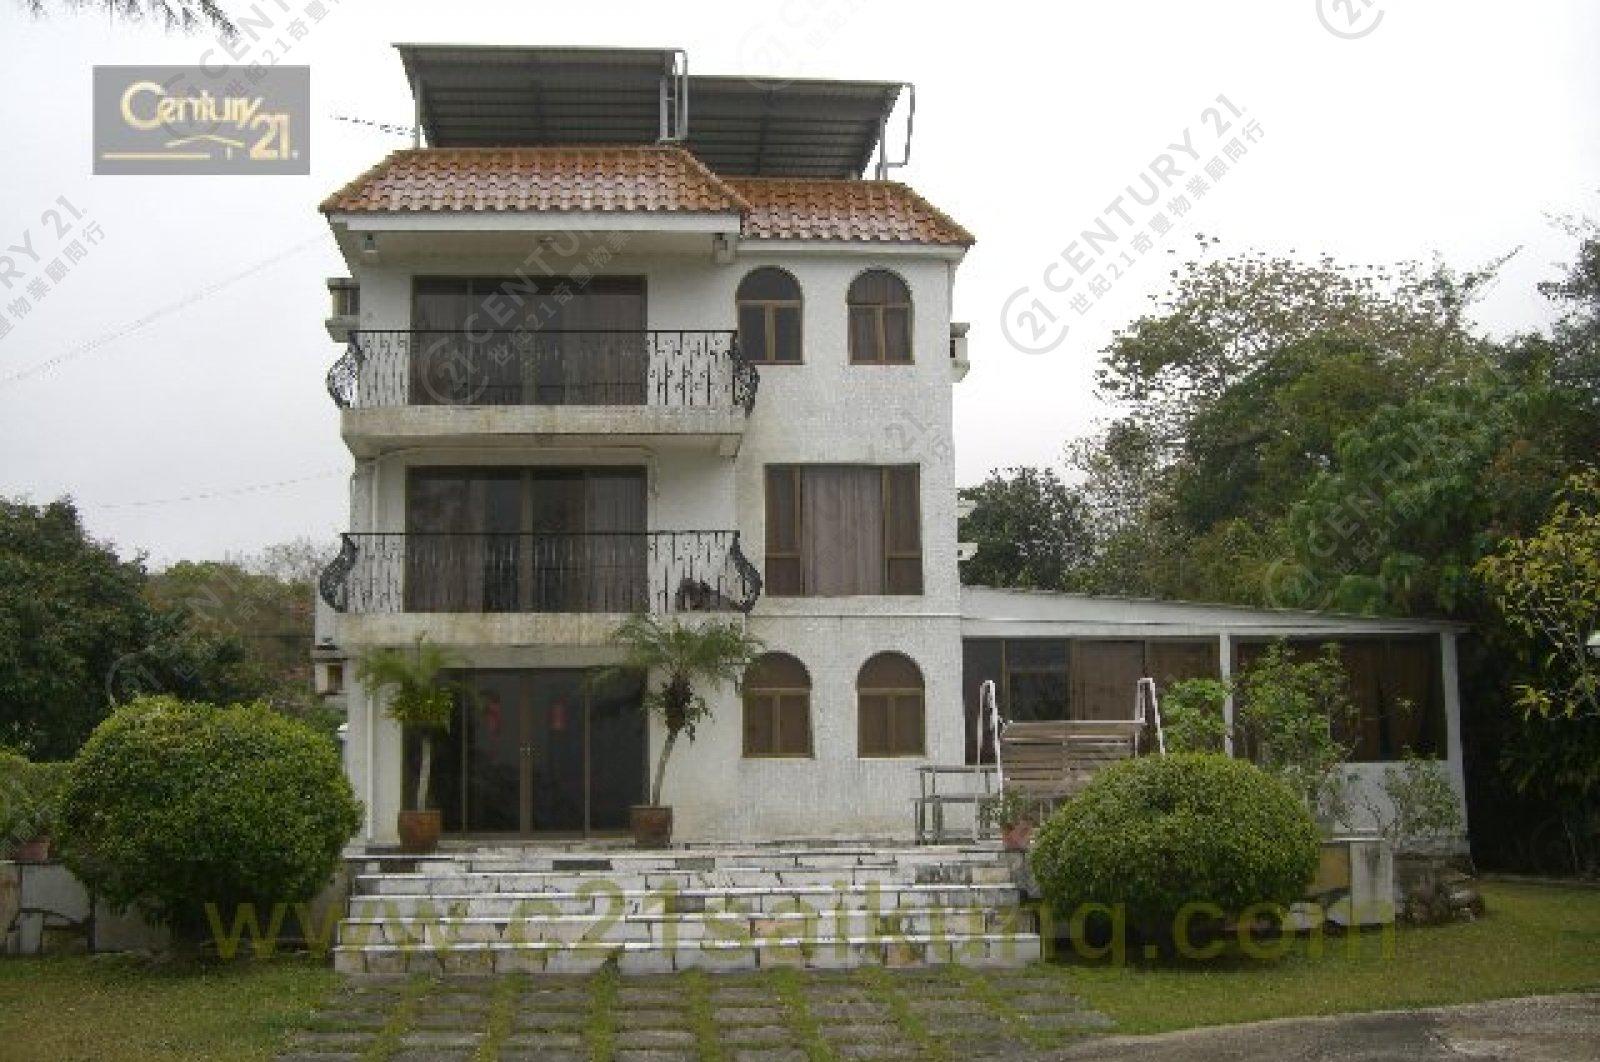 西貢巨園村屋 (已租) - C205481   西貢   世紀21奇豐物業顧問行